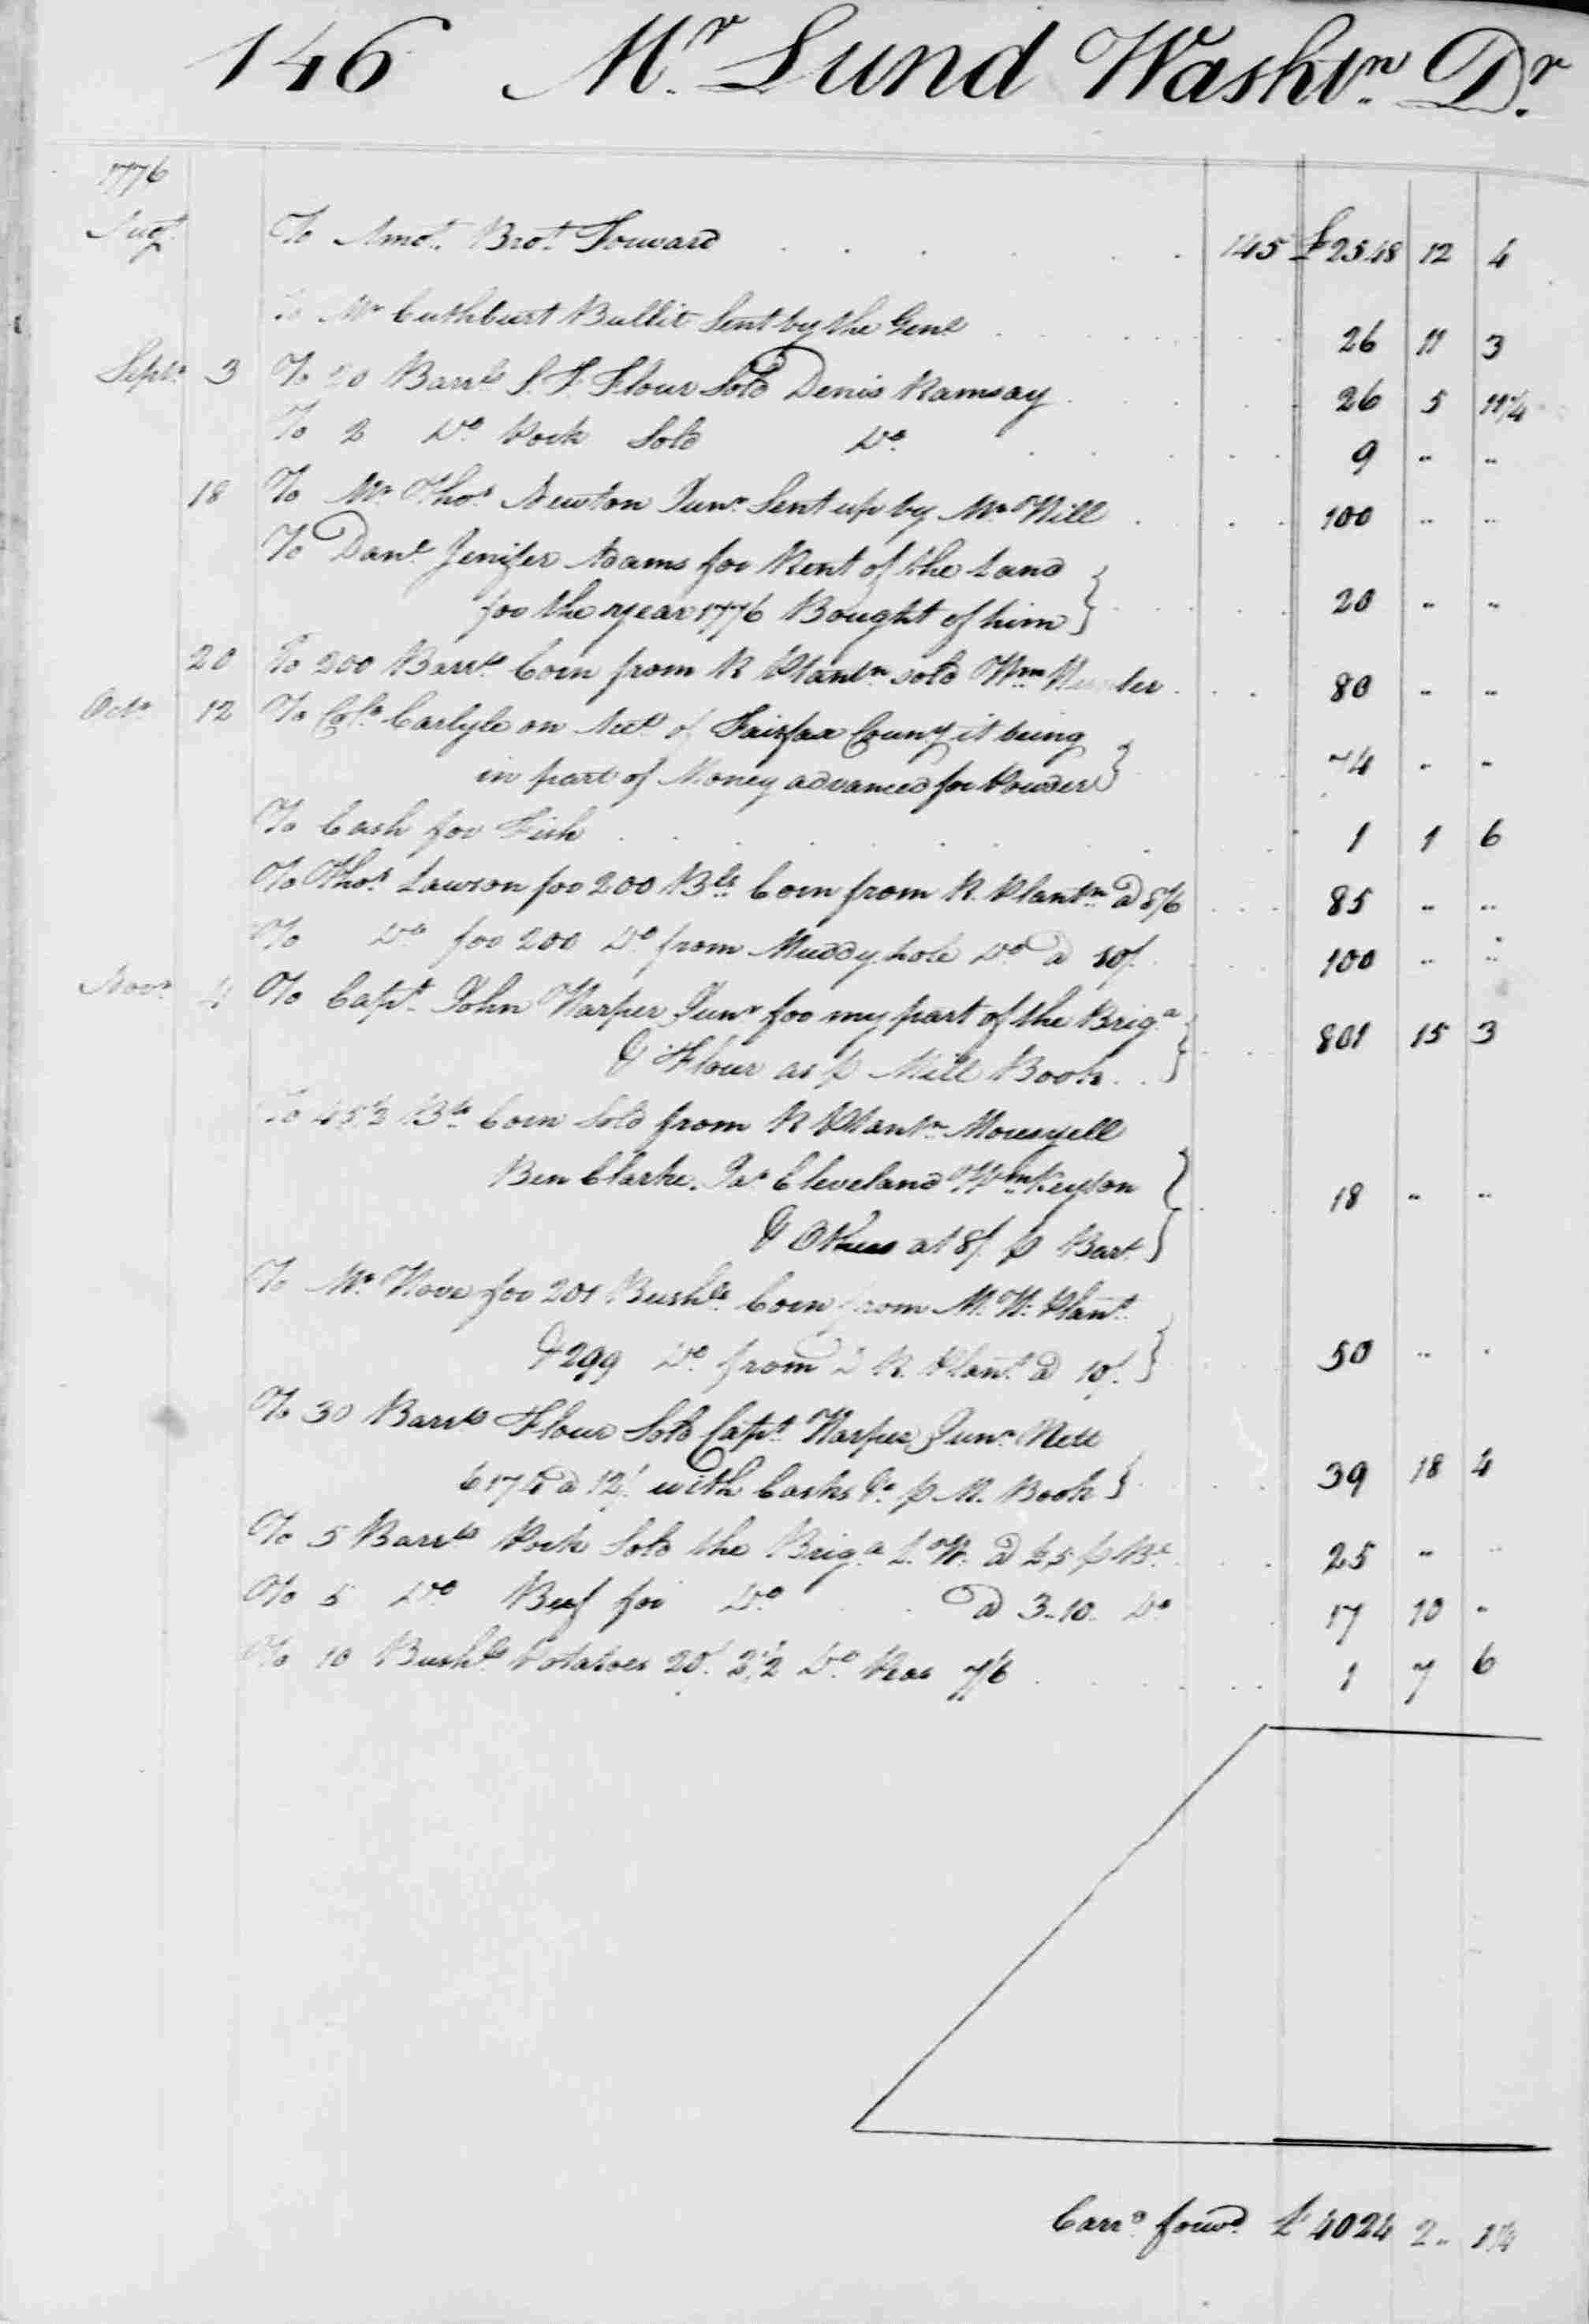 Ledger B, folio 146, left side